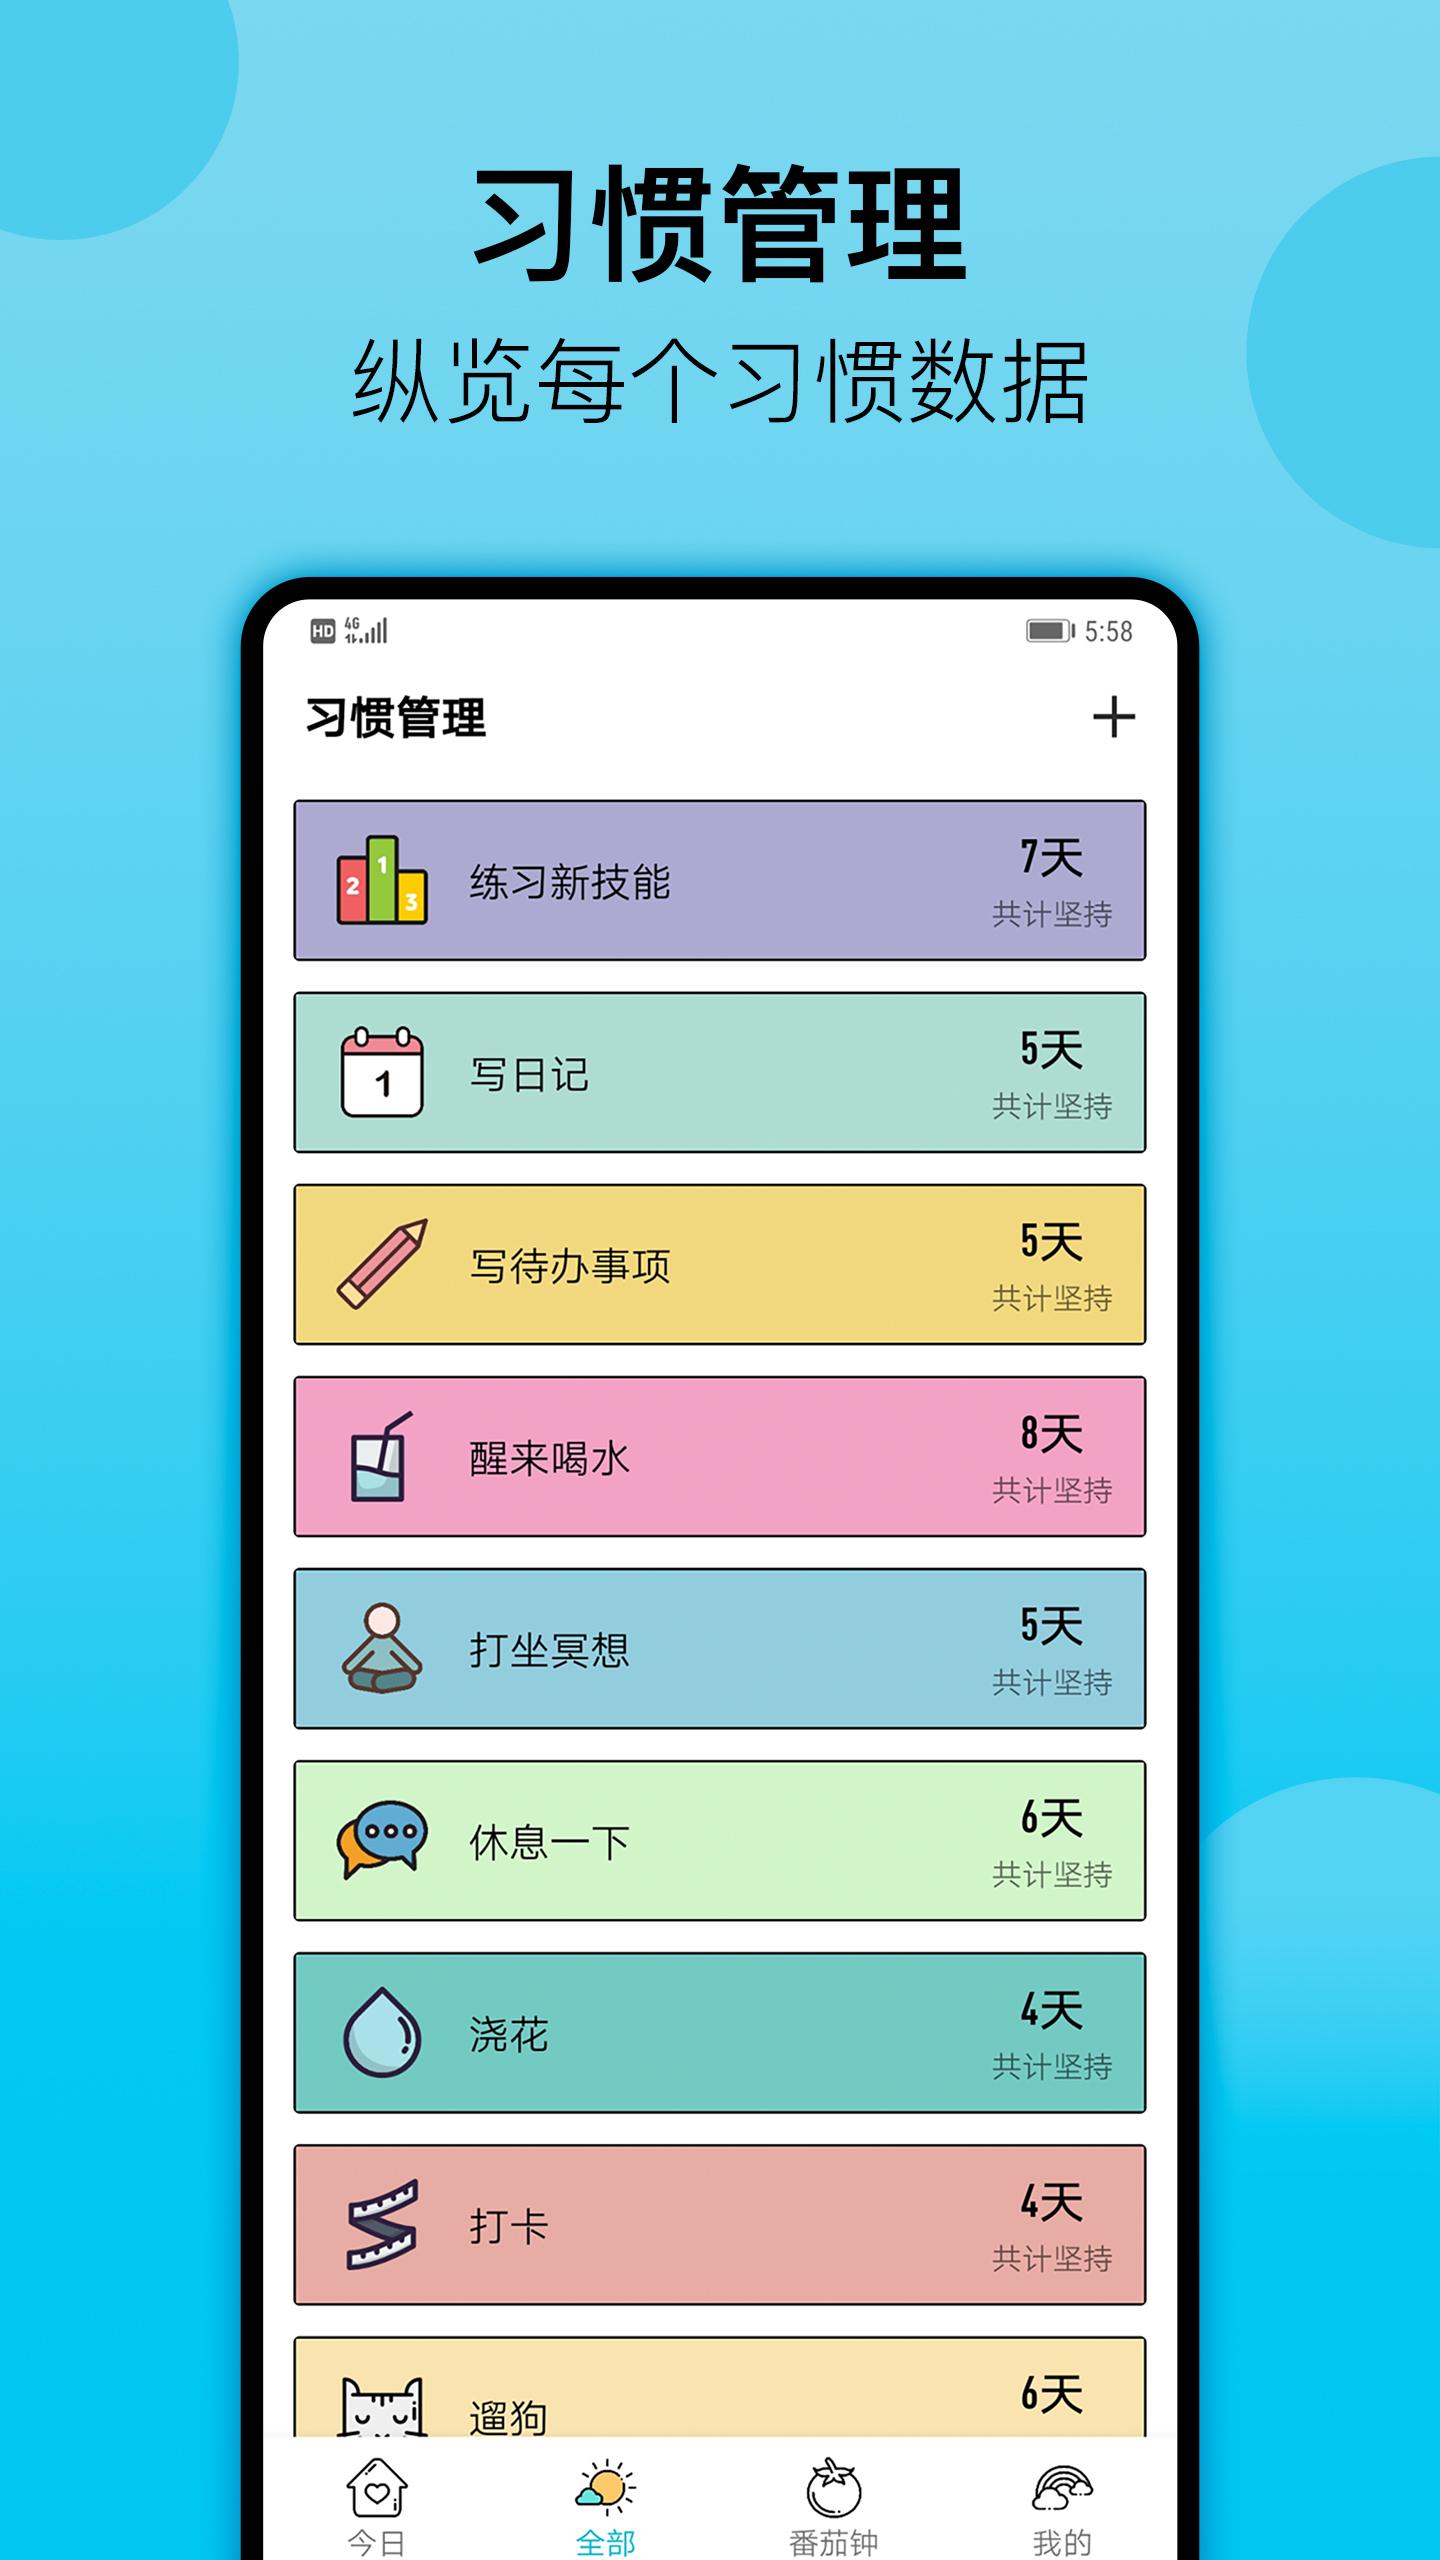 生活日记_日常习惯打卡免费下载_华为应用市场|日常习惯打卡安卓版(3.37)下载